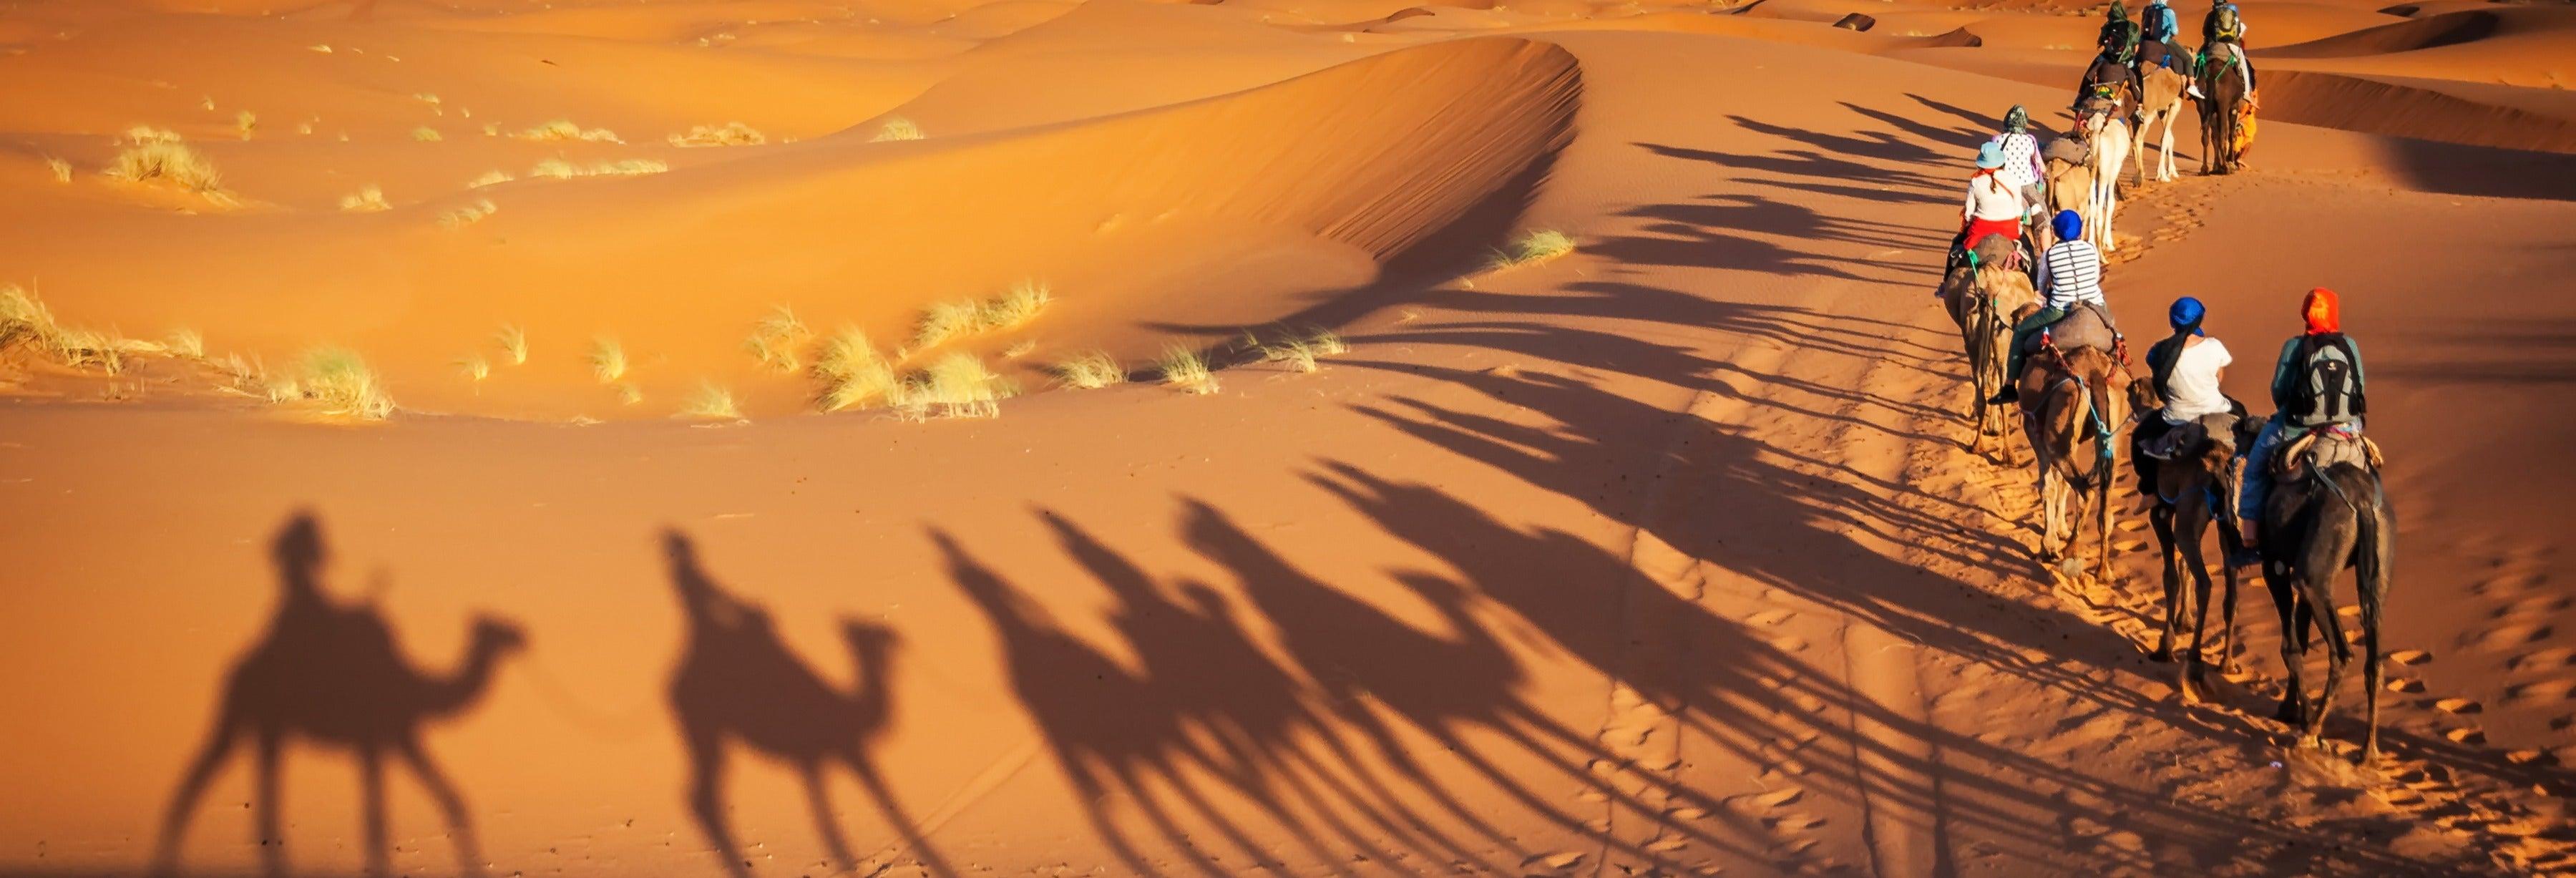 Excursão de 2 dias ao deserto de Merzouga finalizando em Marrakech